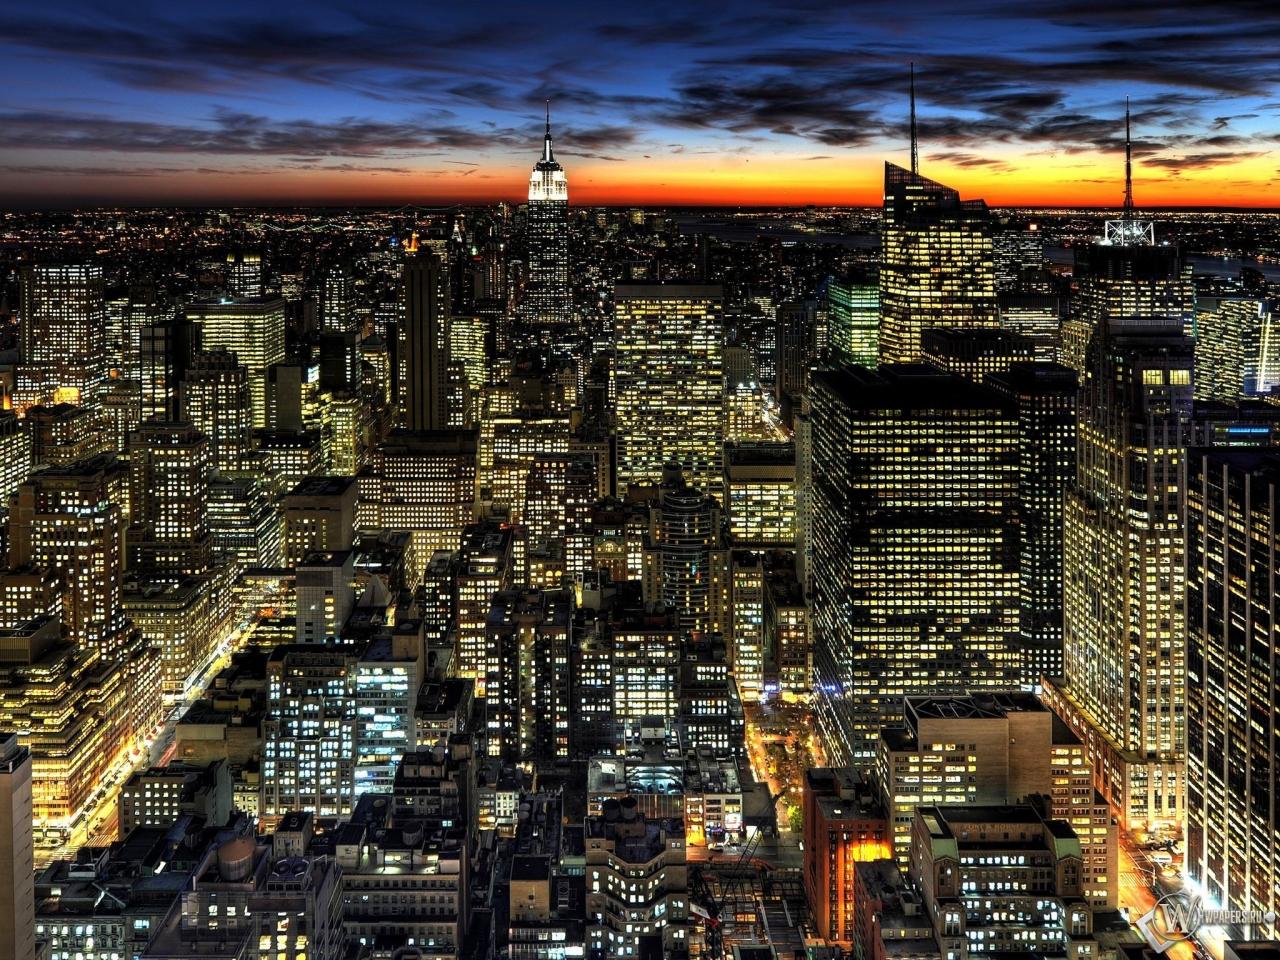 Ночьной город 1280x960